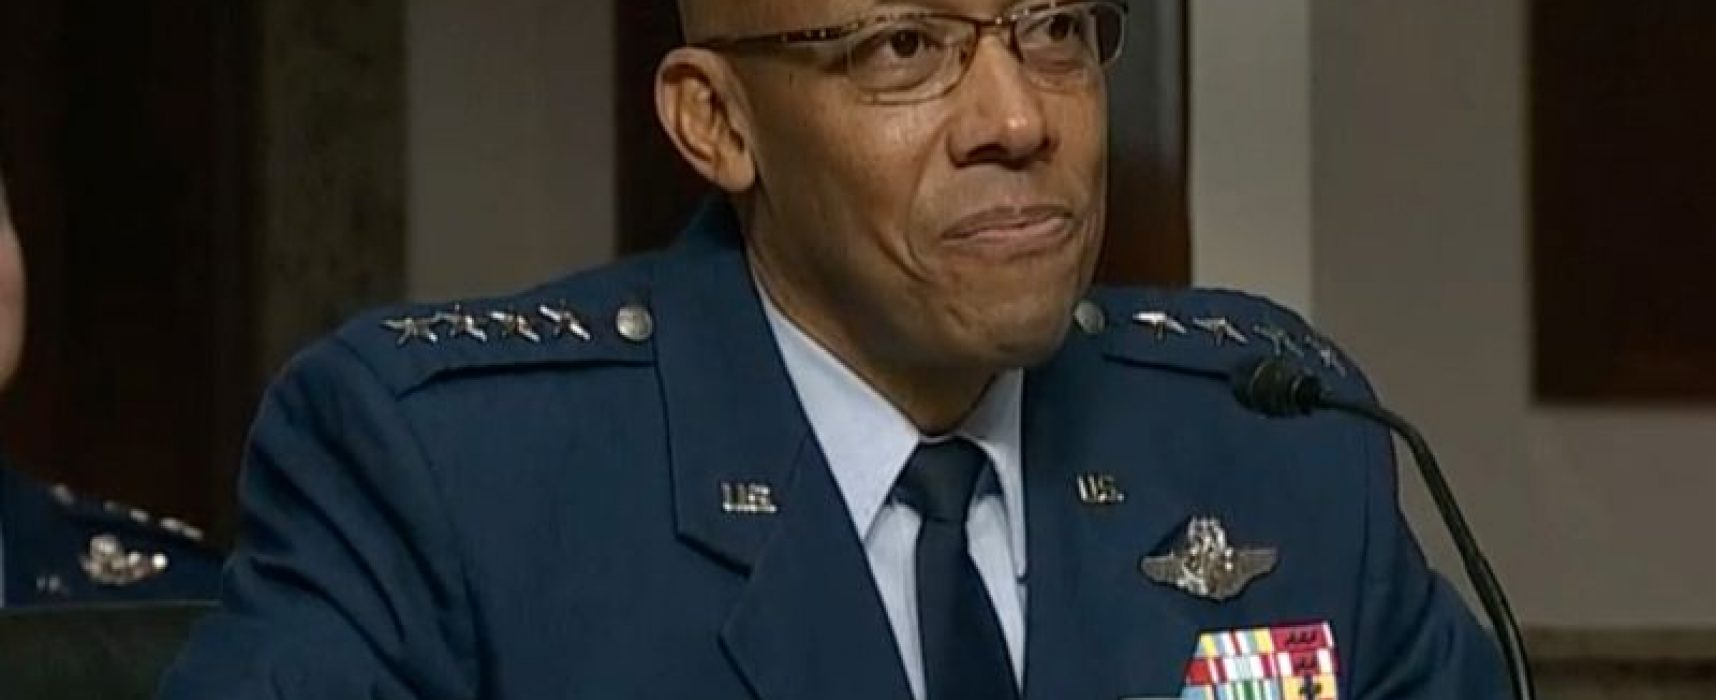 Фейк российских СМИ: начштаба ВВС США заявил о подготовке к войне с Россией и Китаем